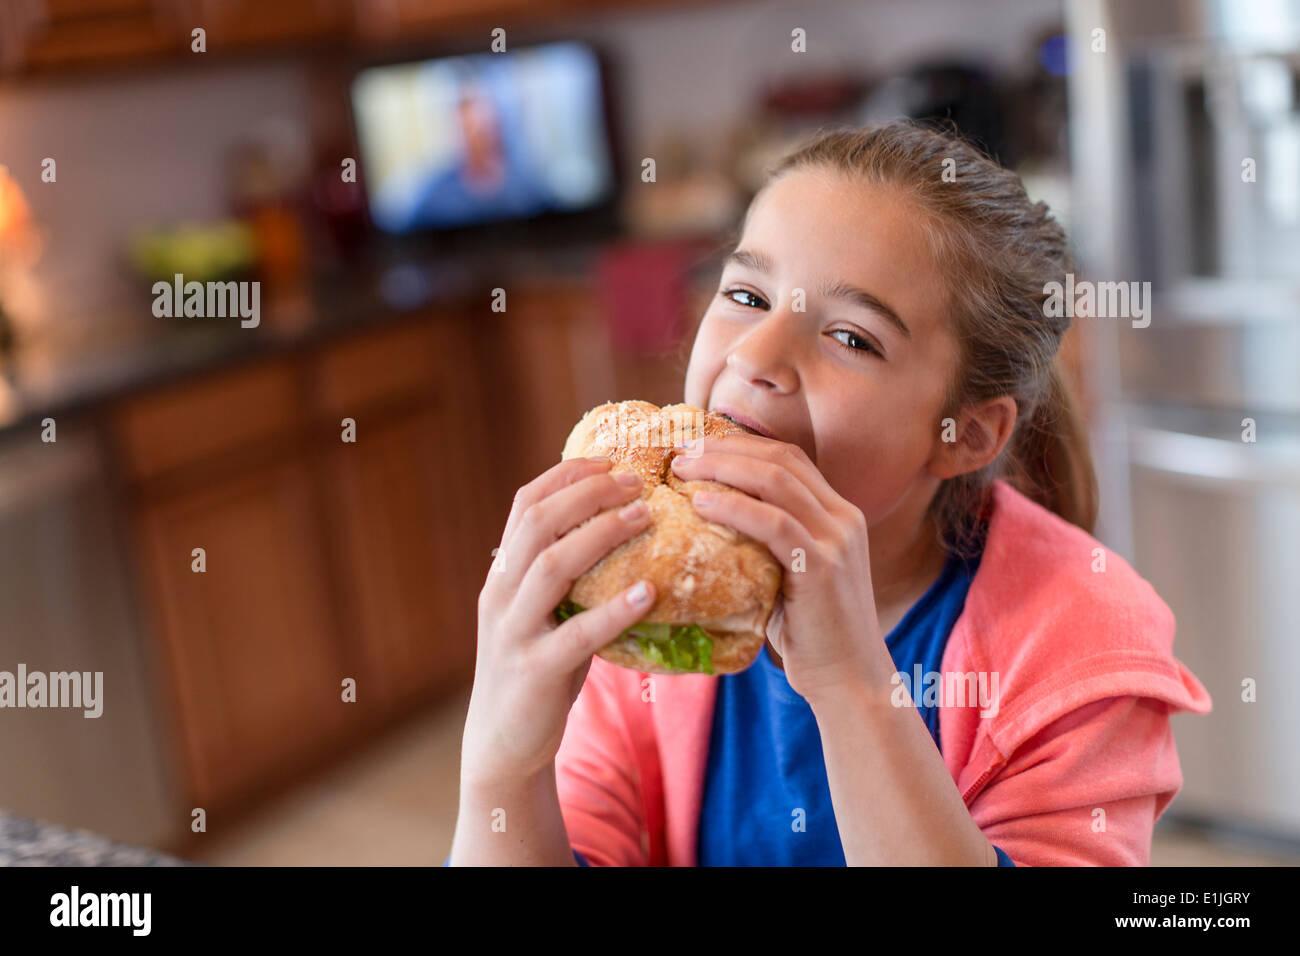 Mädchen in der Küche Sandwich beissen Stockbild